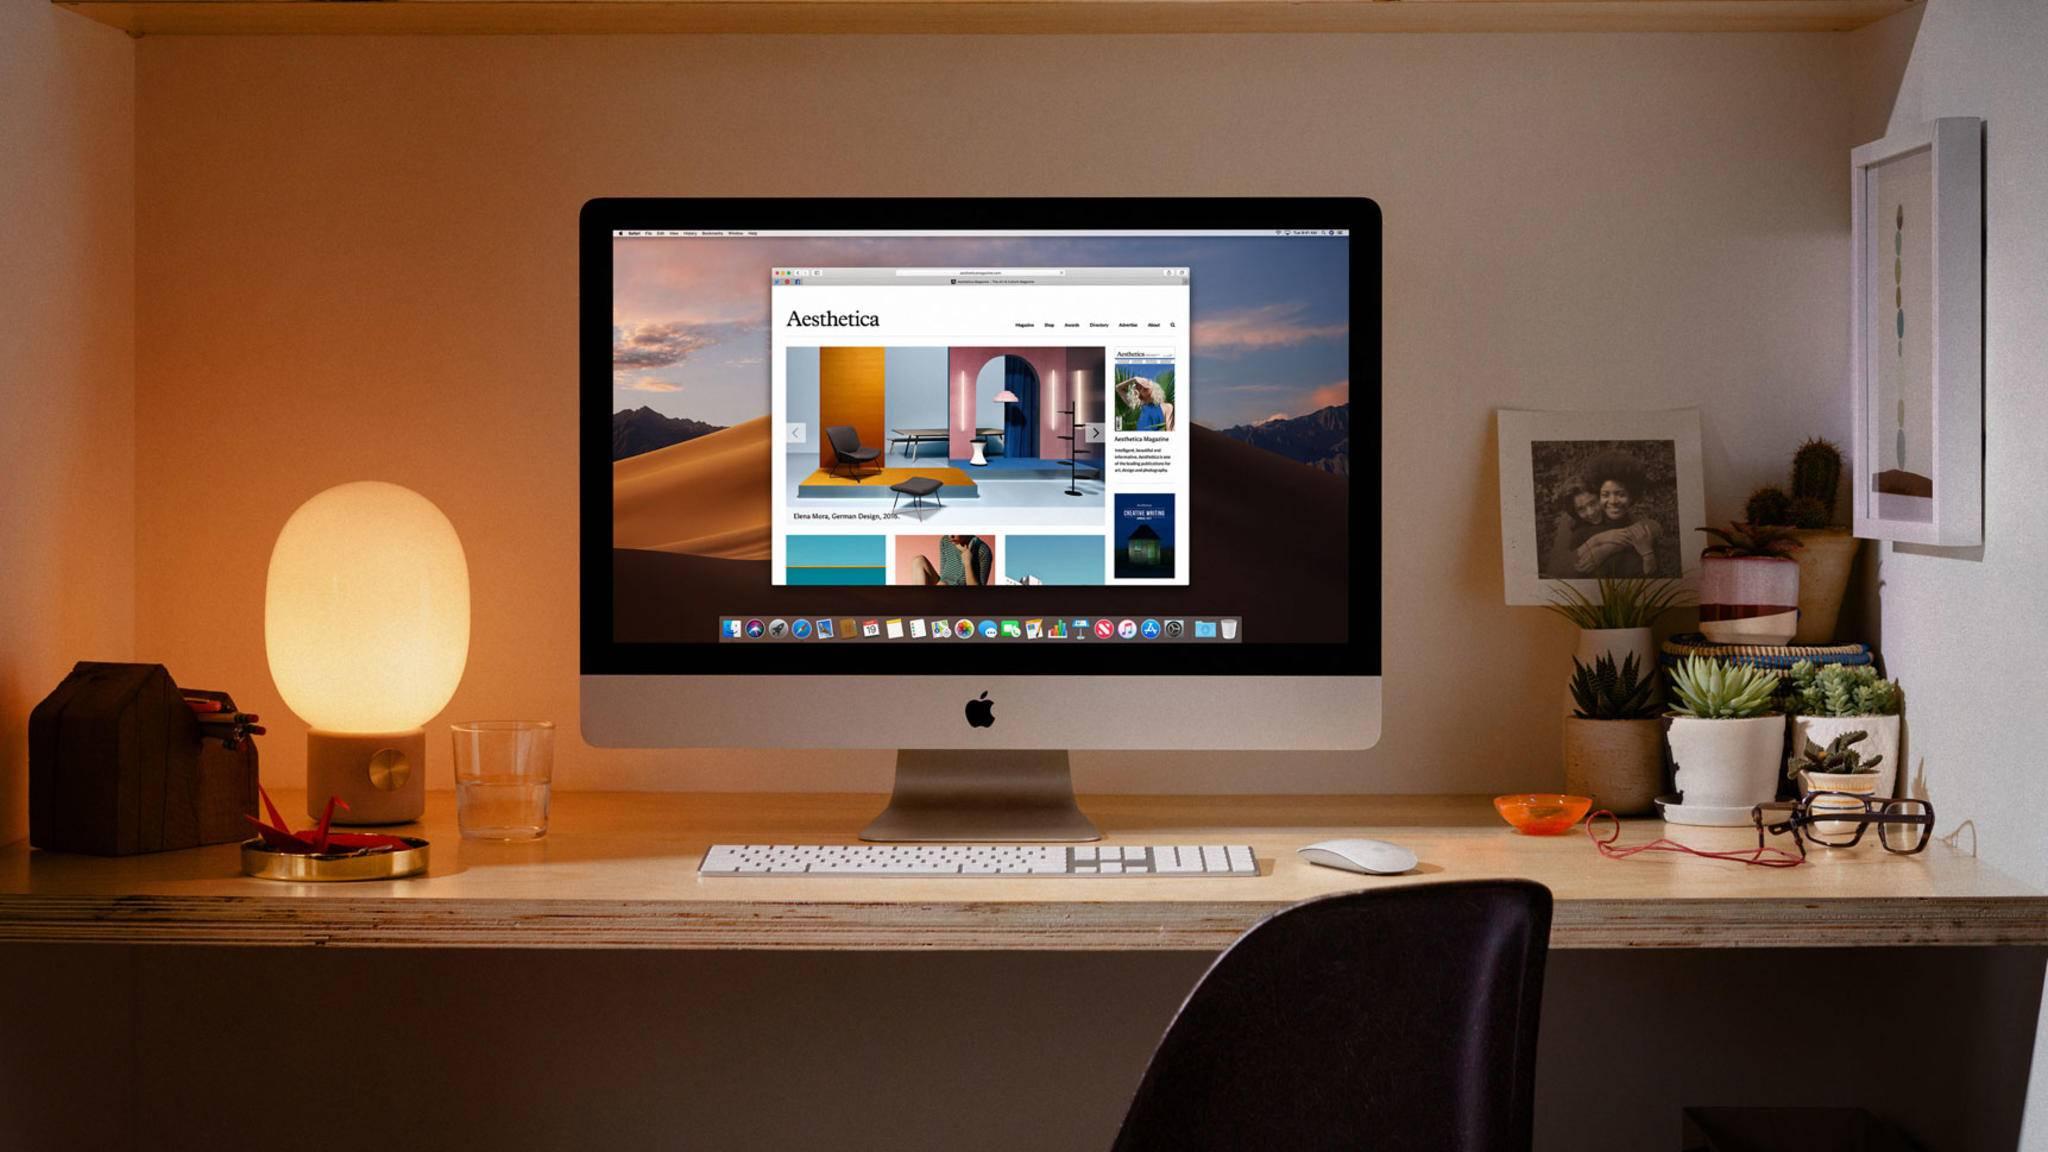 Der iMac könnte einst die Magic Mouse kabellos aufladen.